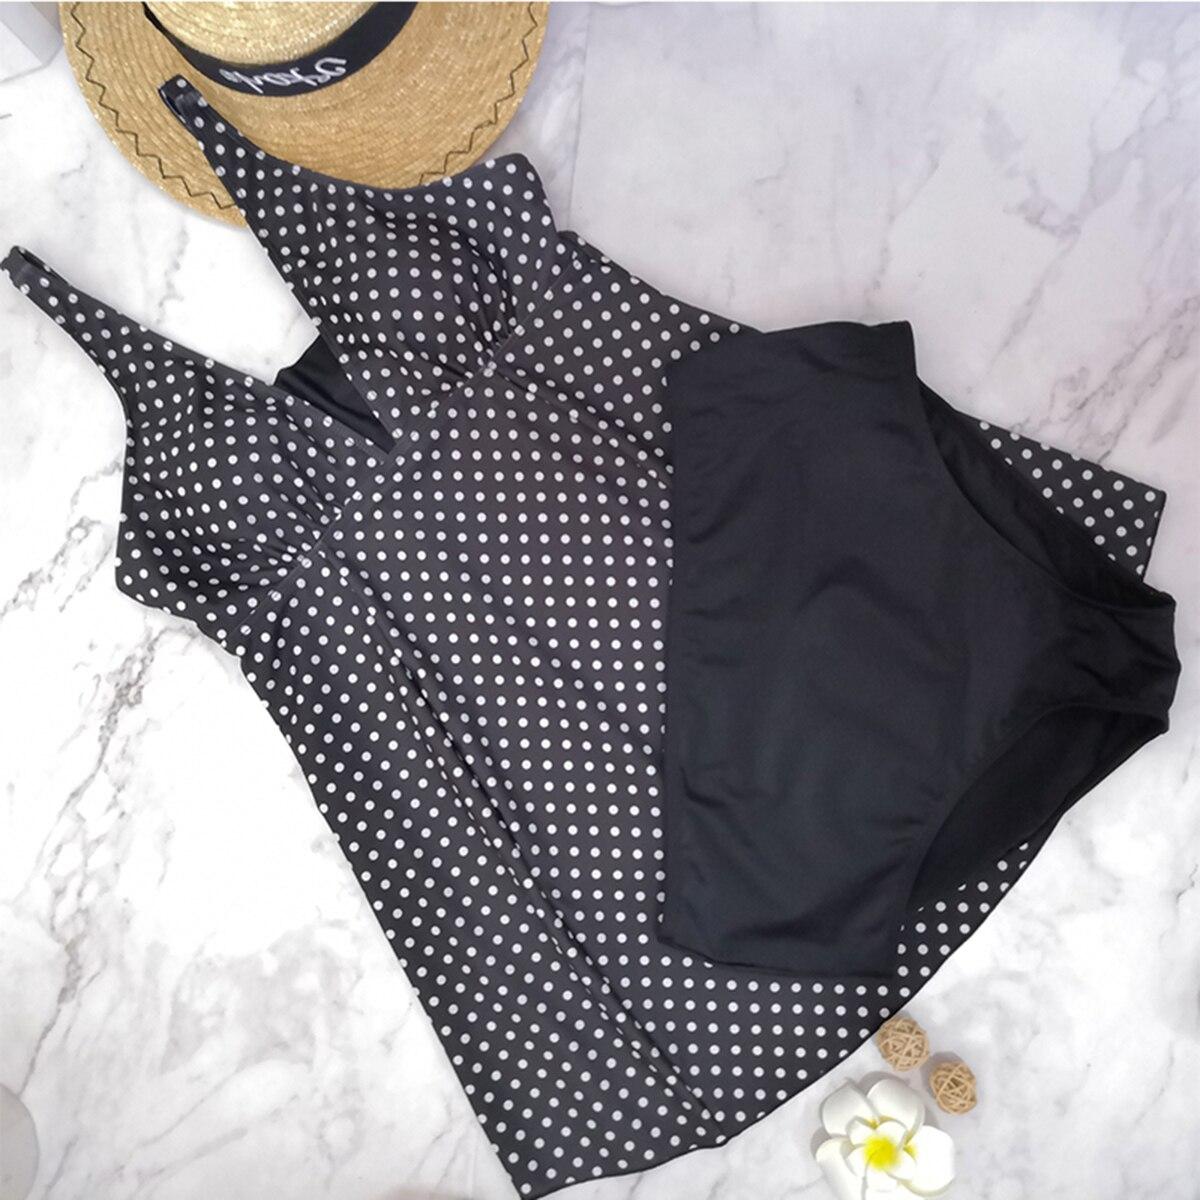 Nuevo traje de baño de maternidad Tankinis, Bikinis con lunares para mujer, traje de baño, ropa de playa, traje para embarazadas, traje de baño de talla grande para embarazadas